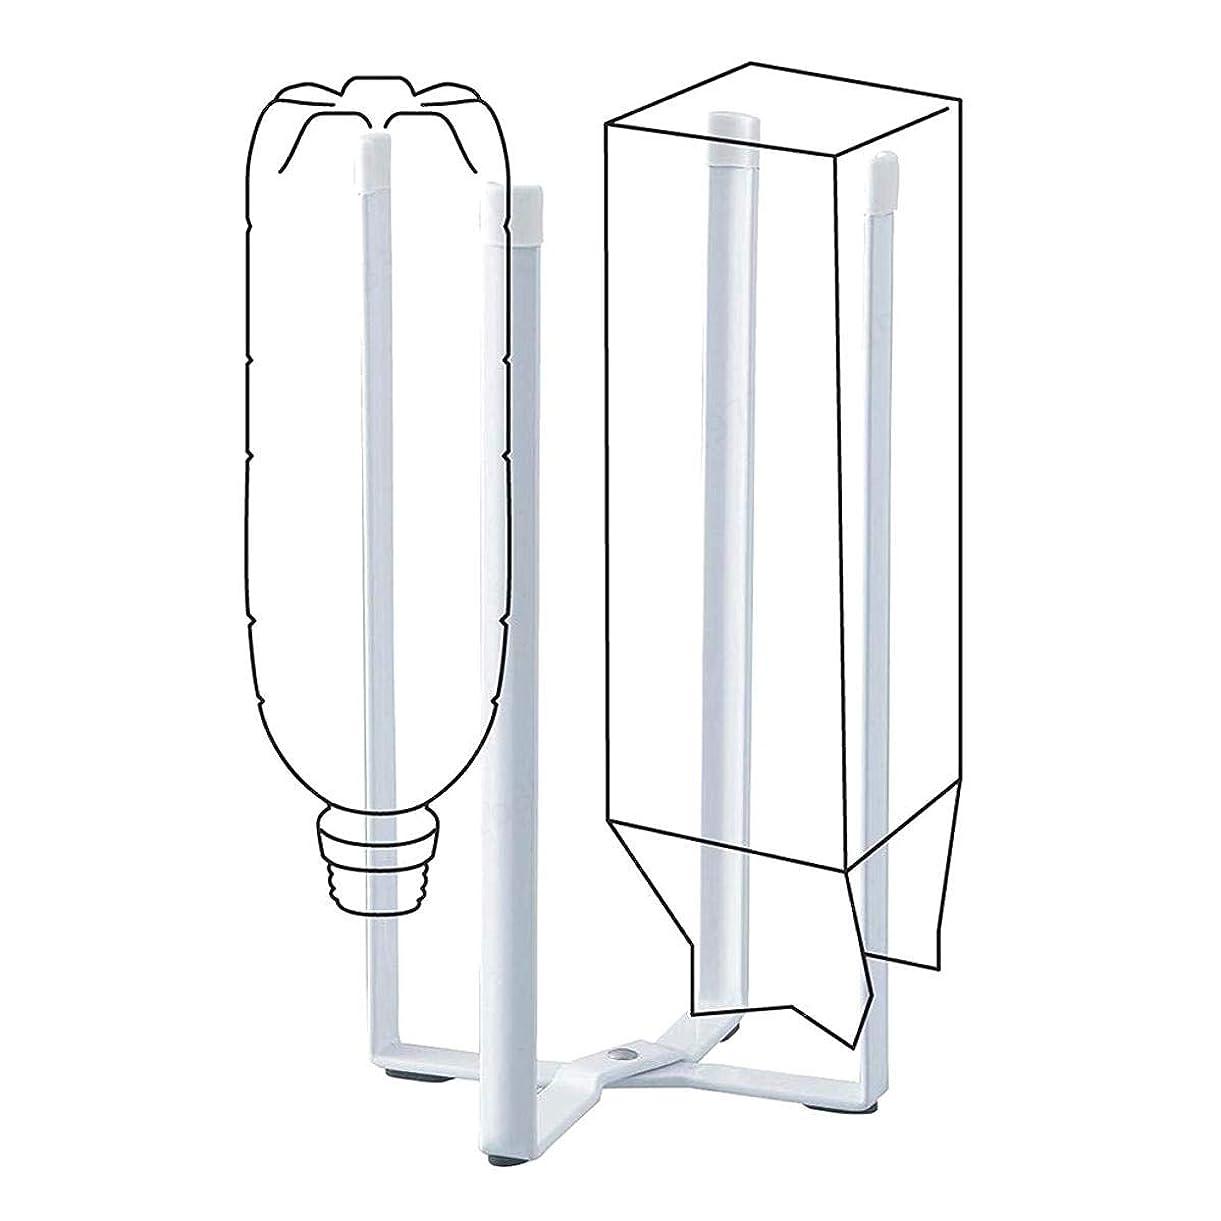 地球国家誠実Sepikey 1PC乾燥カップ折り畳み式収納棚多機能プラスチックスタンドホルダーホワイトホームカップボトルドレンラックラック